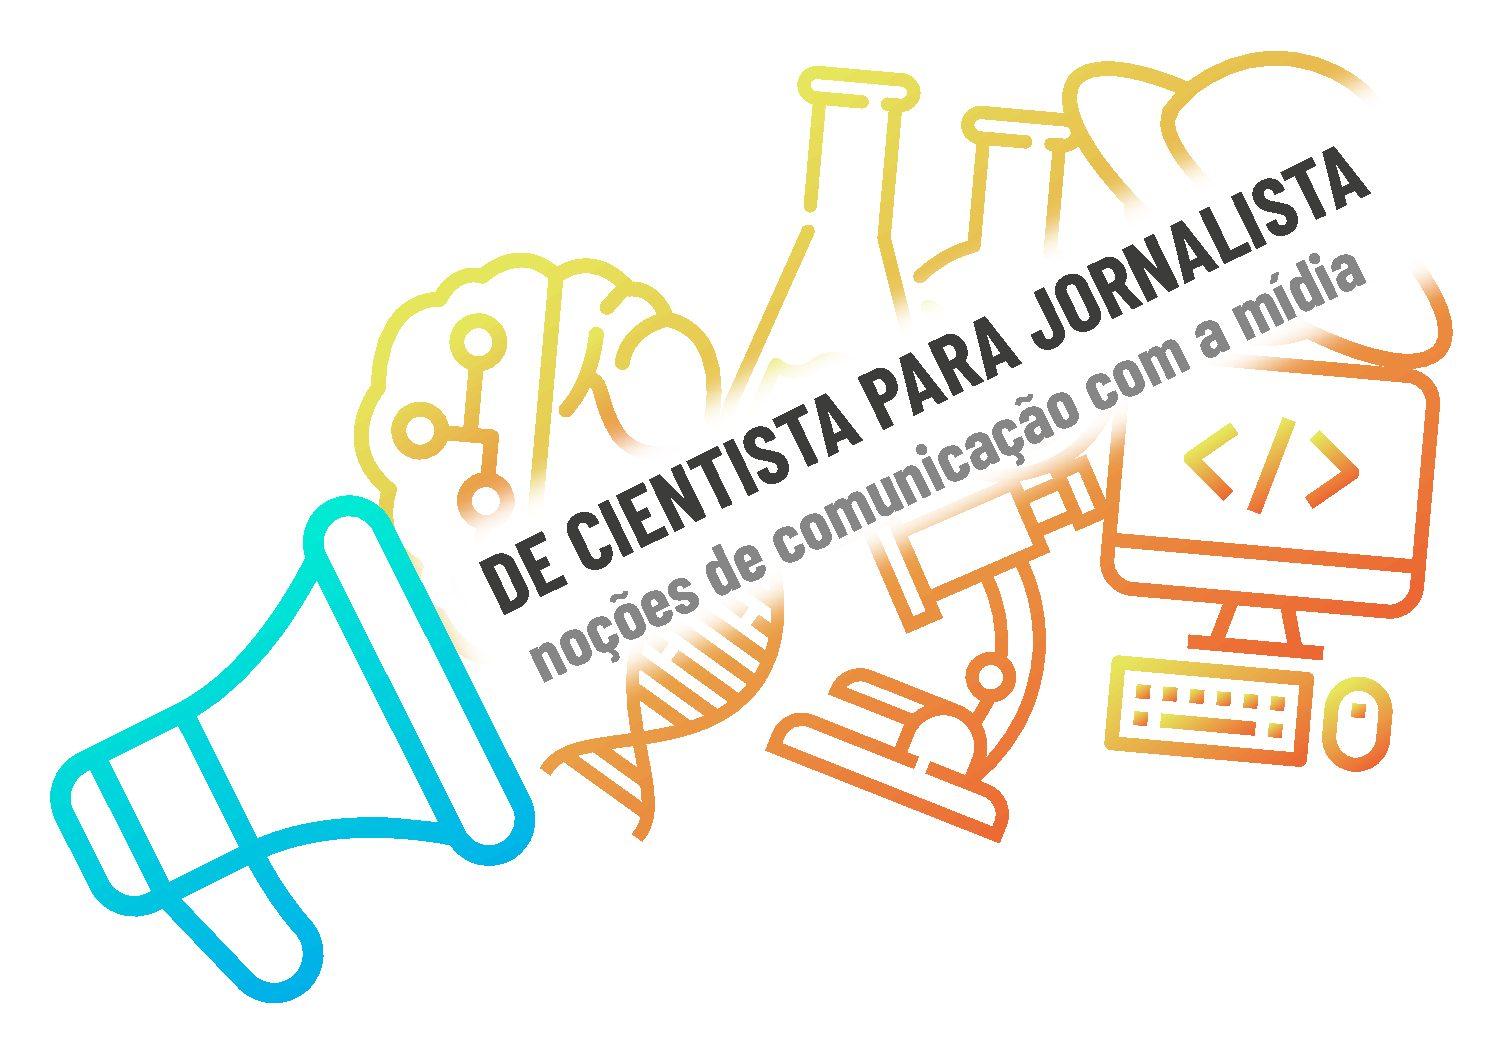 De cientista para jornalista: guia ajuda pesquisadores a se comunicarem